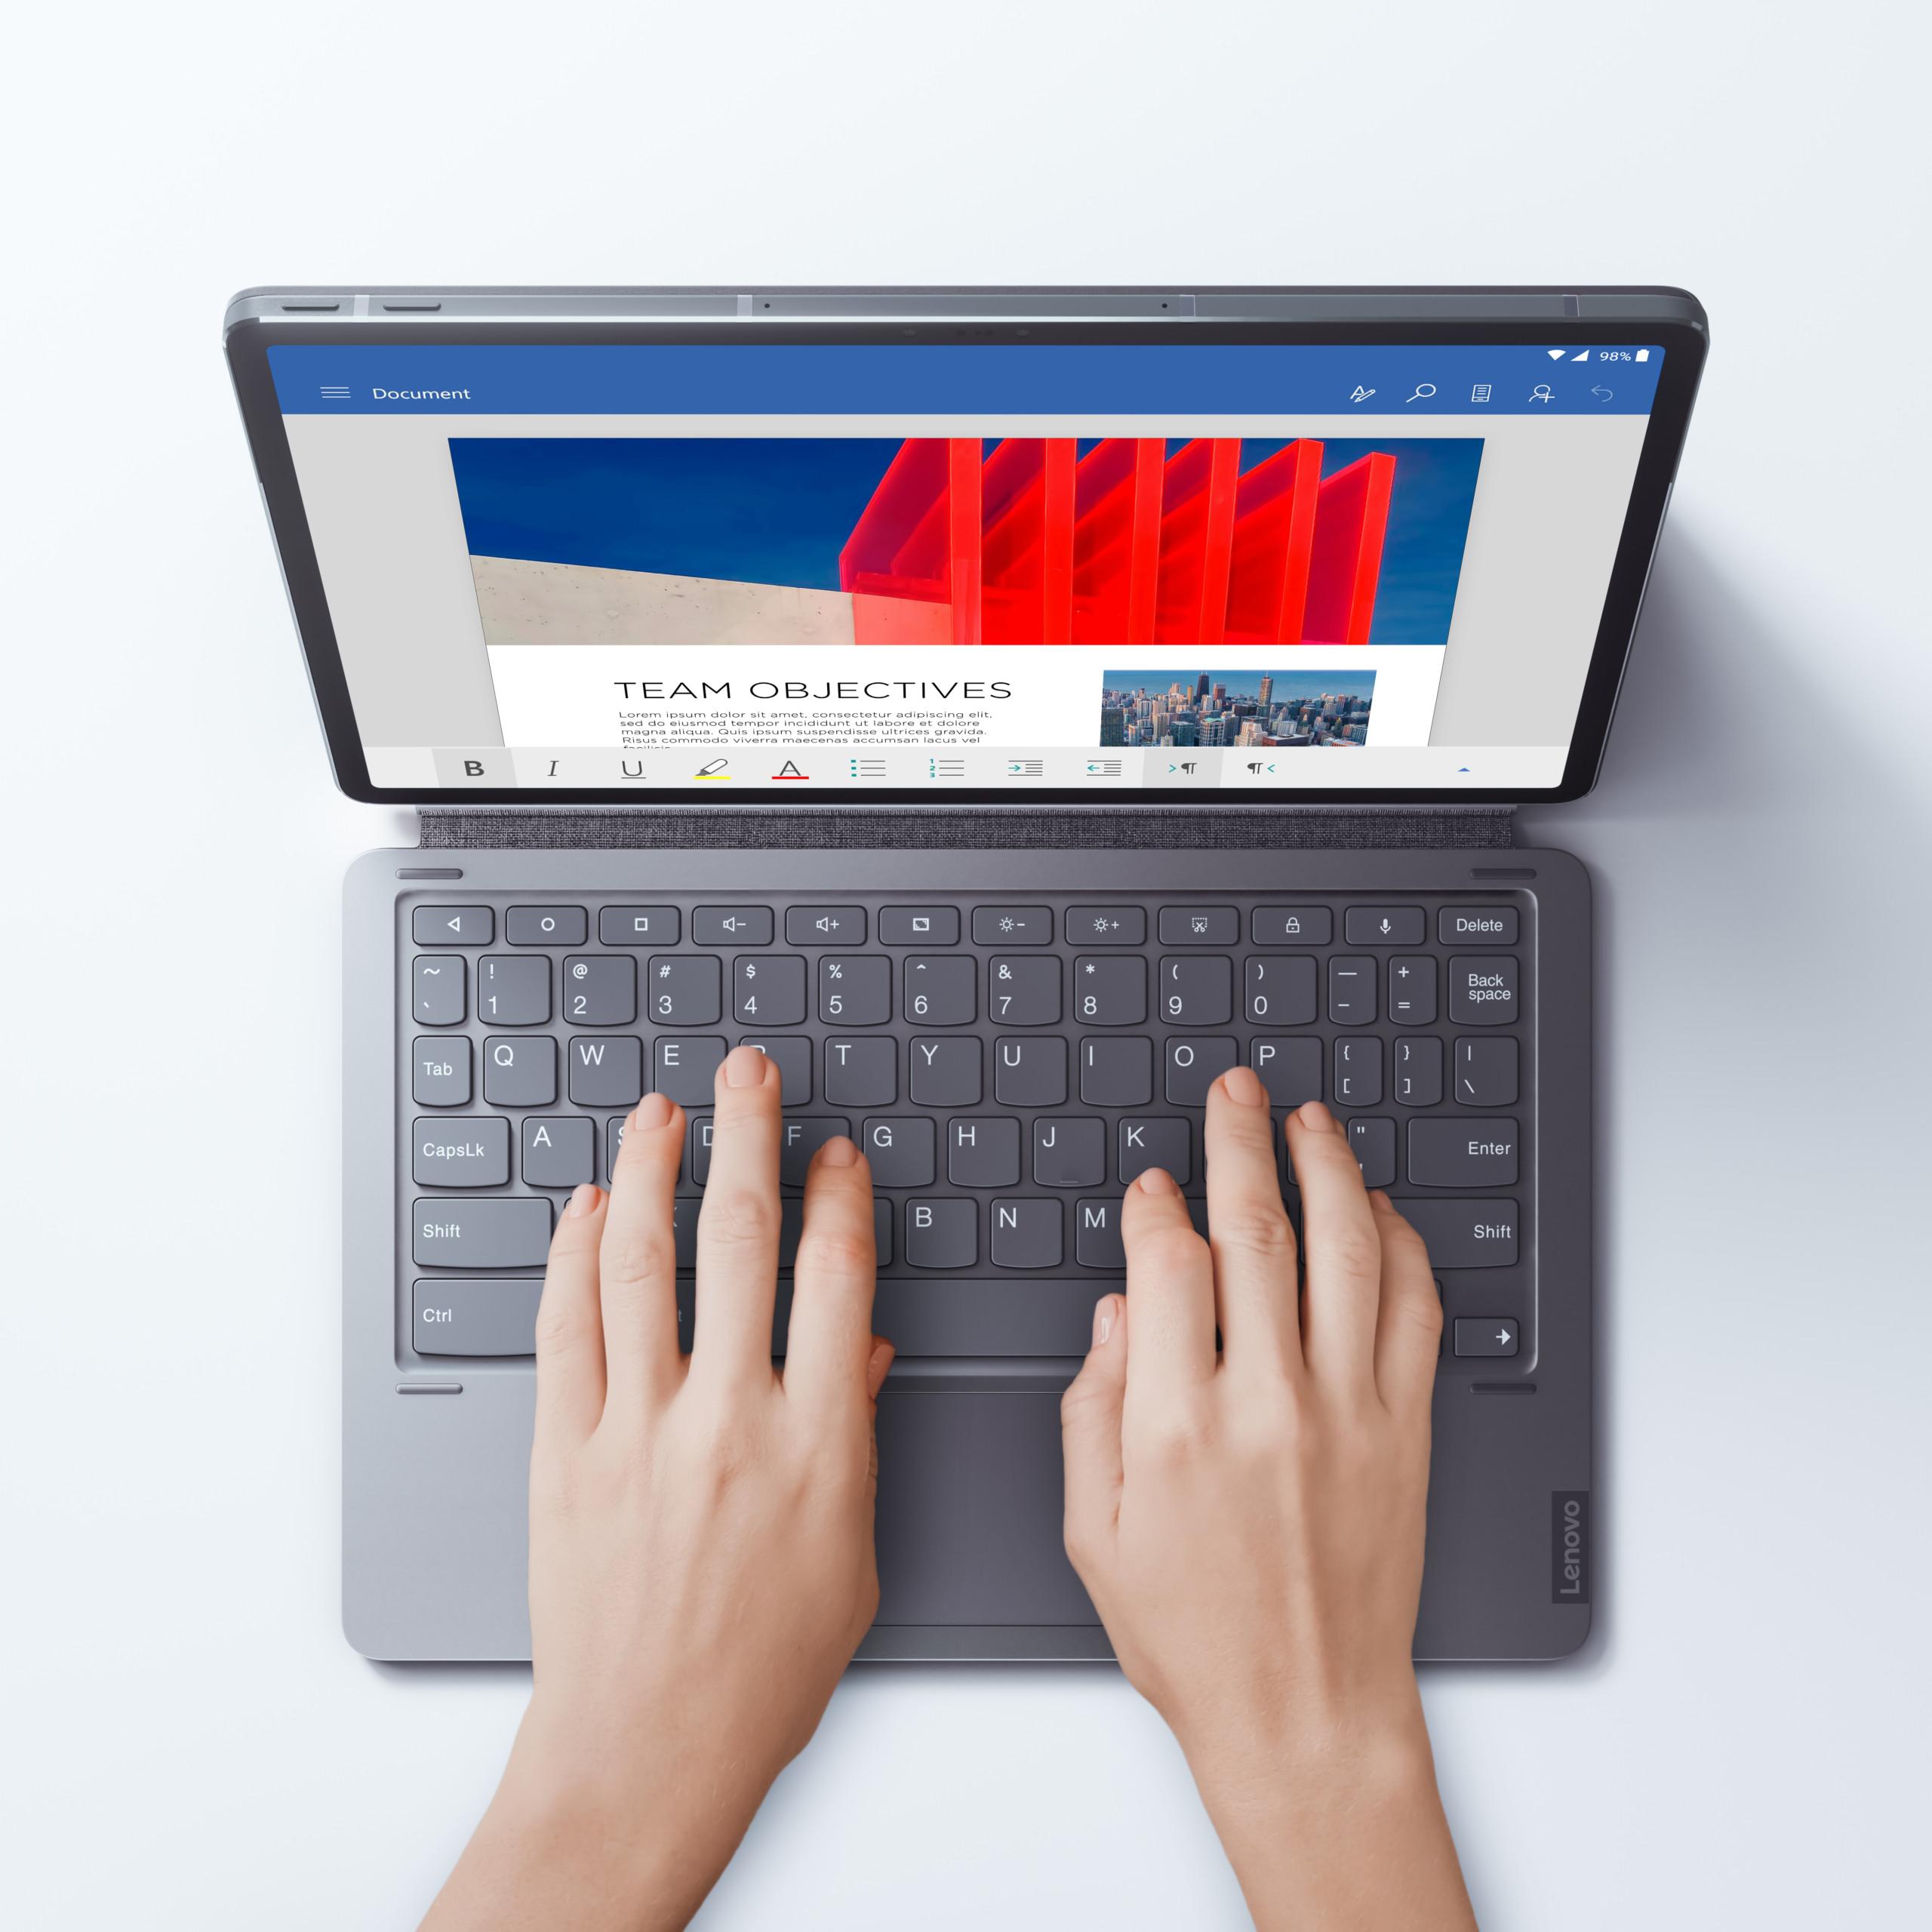 La Lenovo Tab P11 Pro prouve que les tablettes Android peuvent être des alternatives à l'iPad Pro